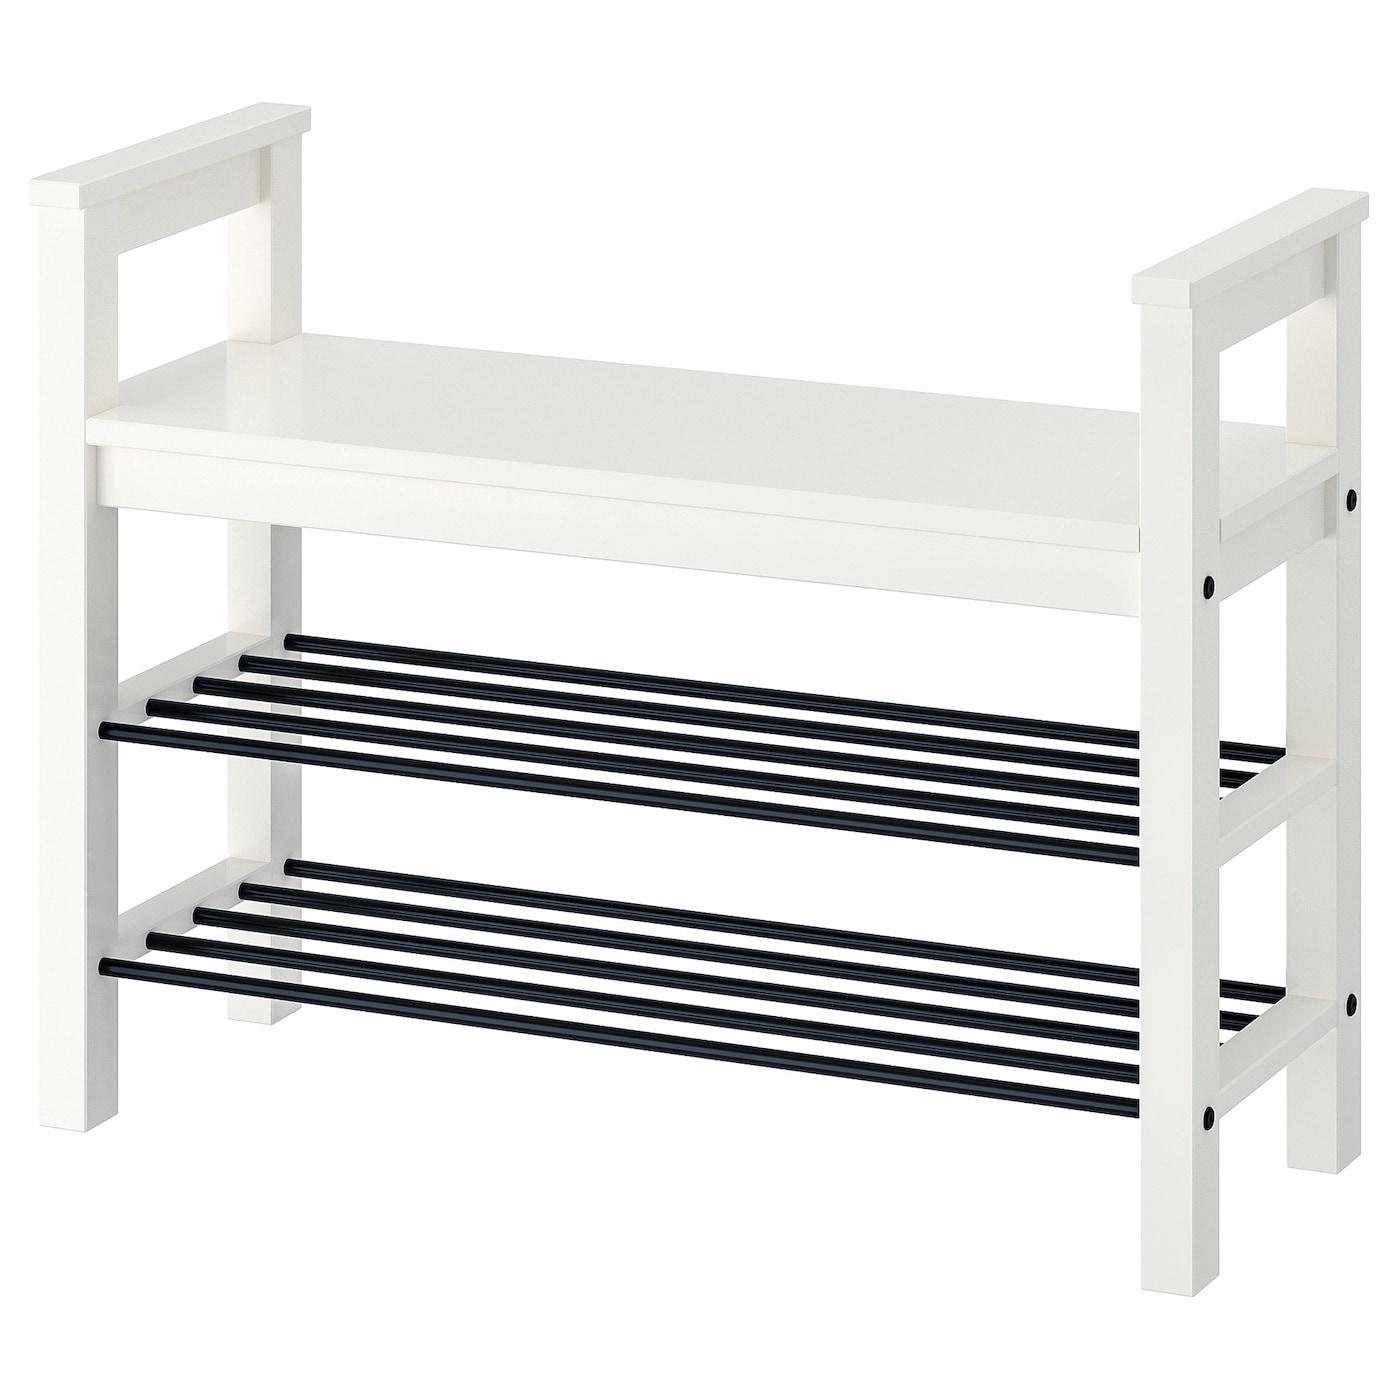 IKEA TJUSIG Hutablage weiß Hutregal Garderobe Hut Gaderobe Hängegarderobe NEU